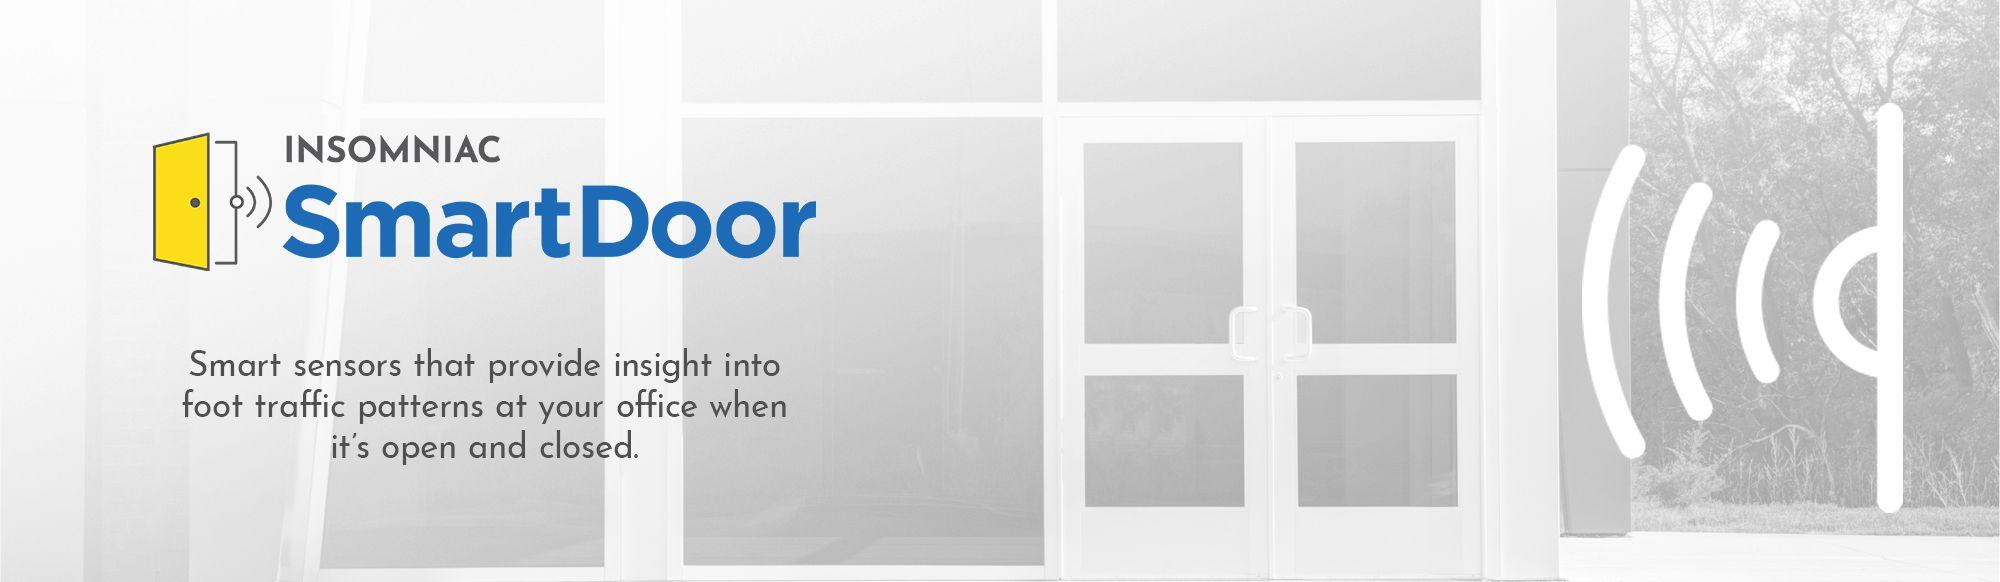 insomniac smartdoor header